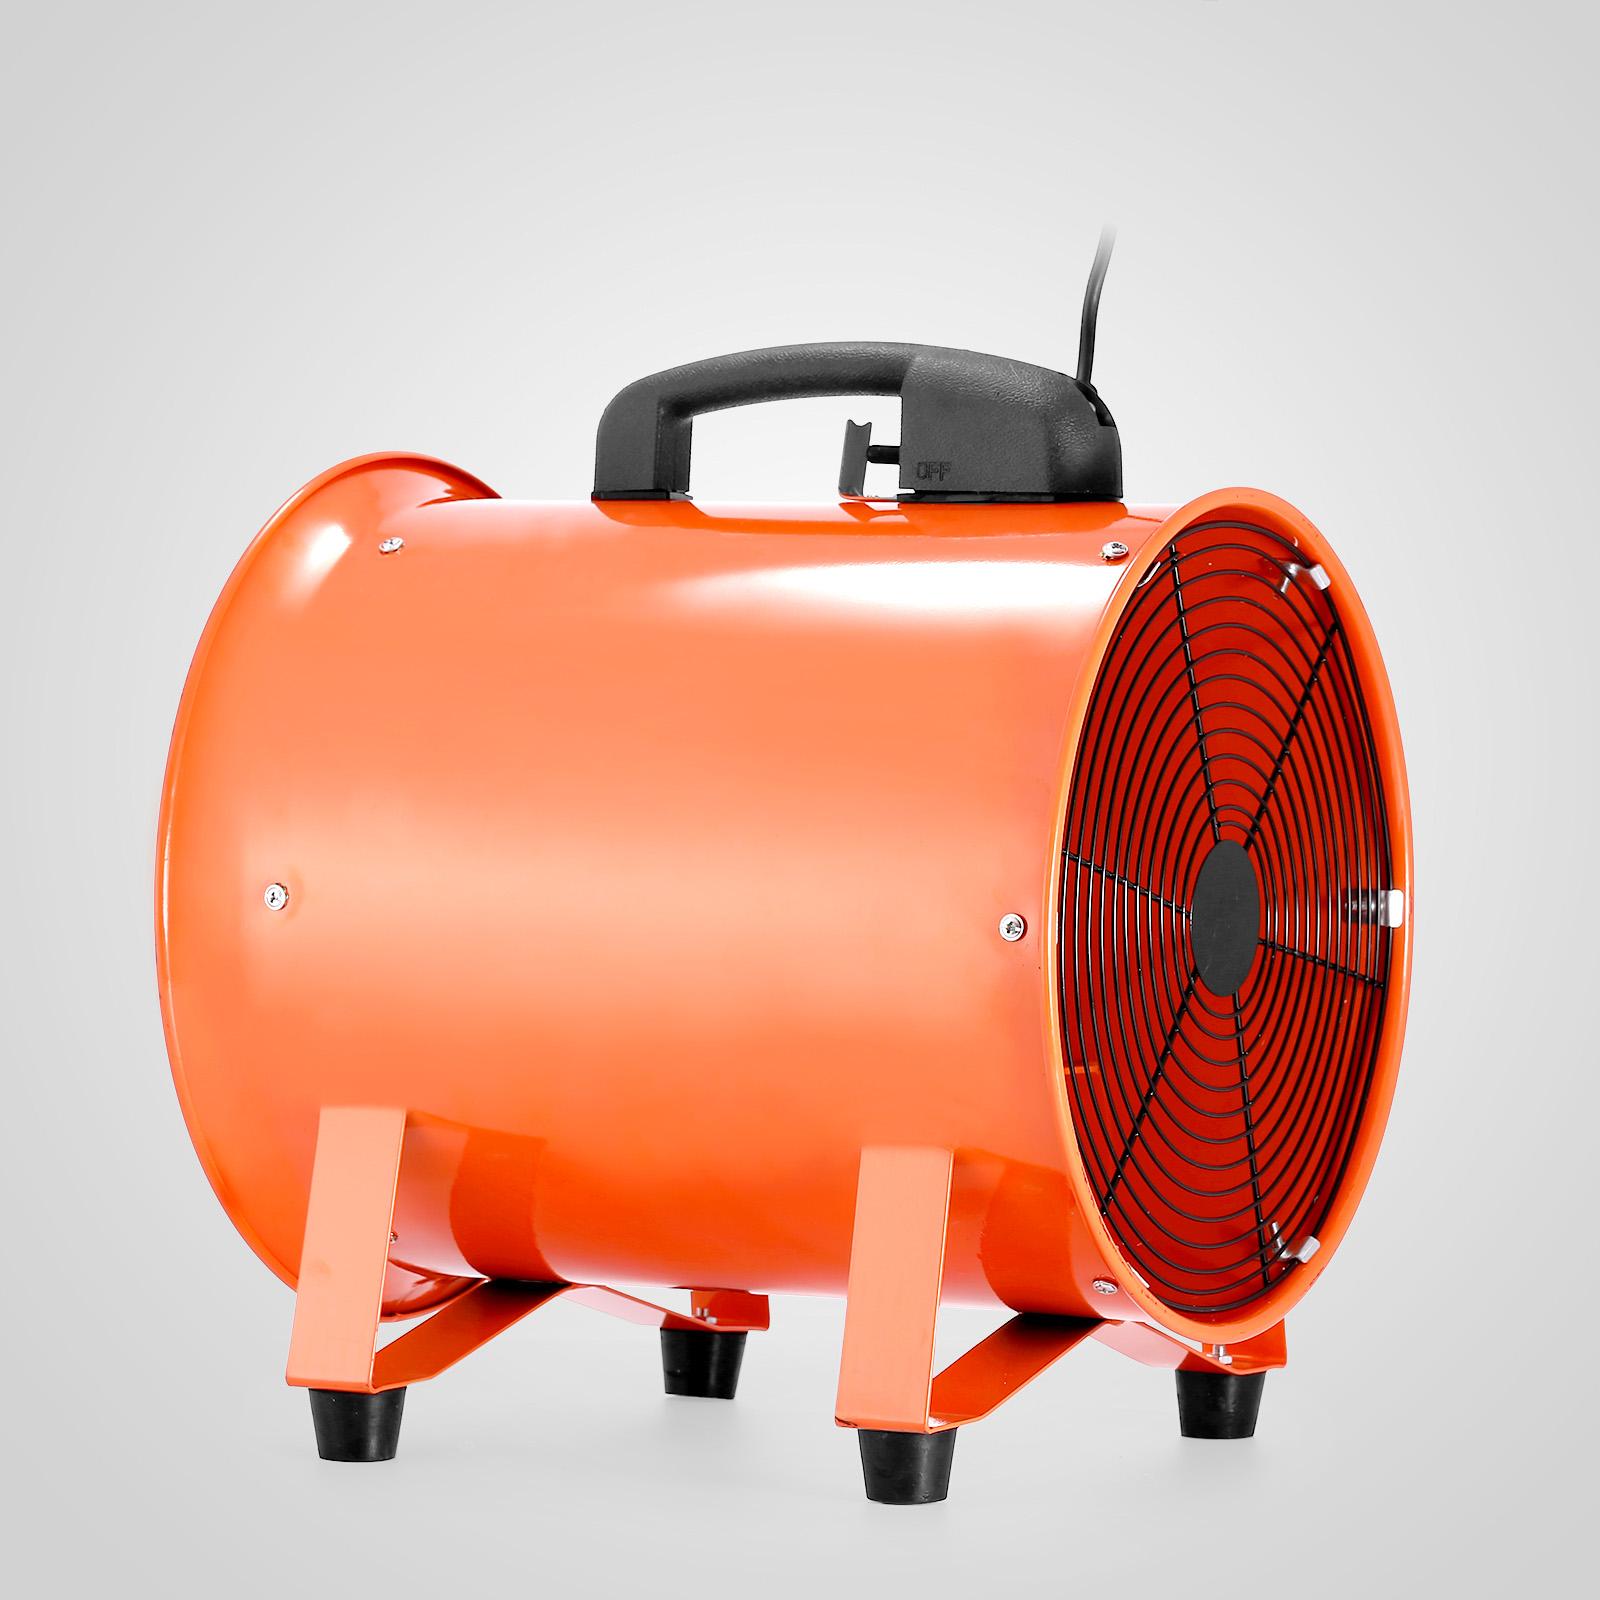 Industrial Blower Motor : Mm industrial fan ventilator fume extractor blower